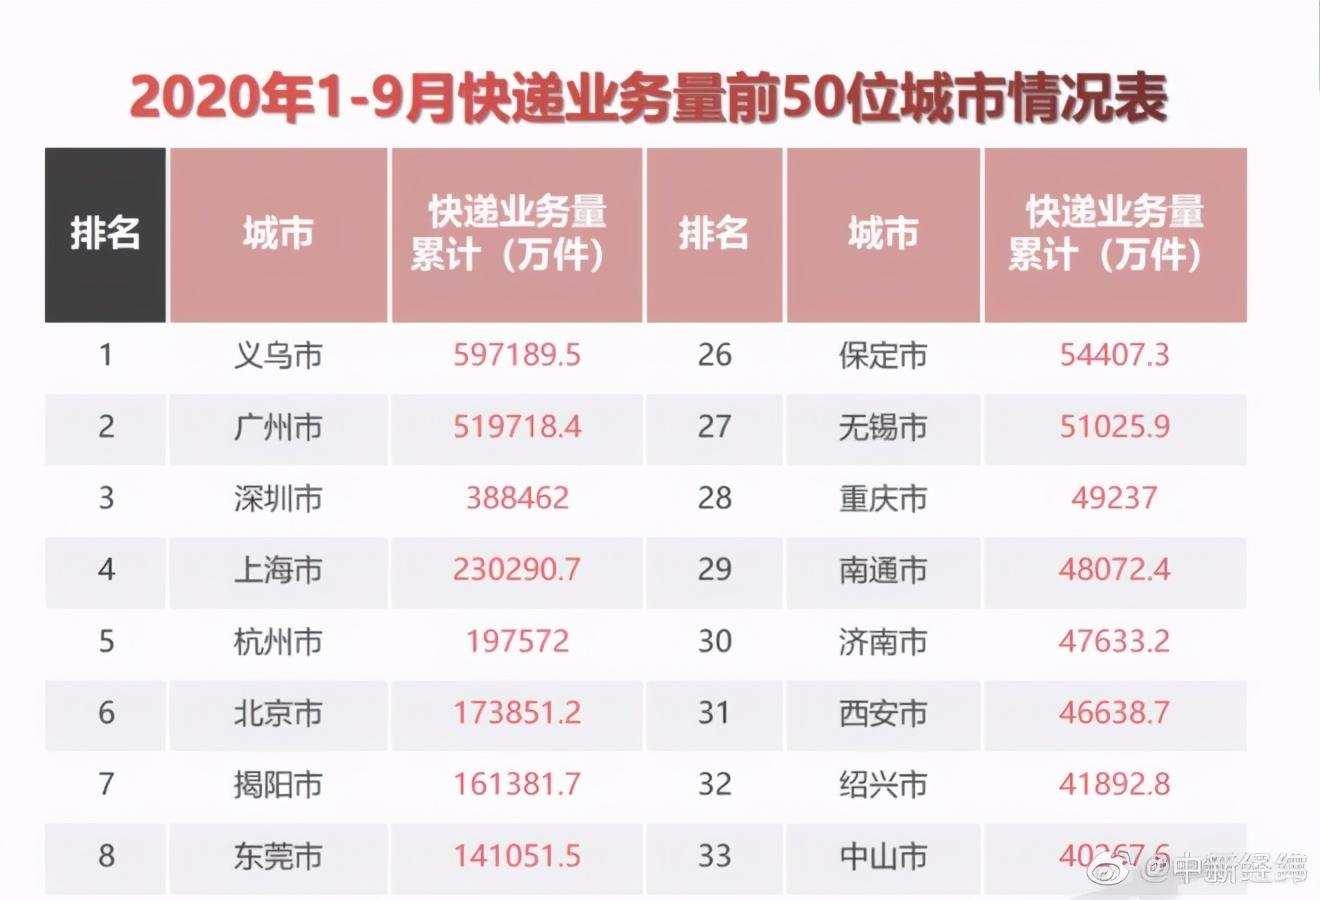 中国人均快递包裹量近60件,义乌快递量全球第一